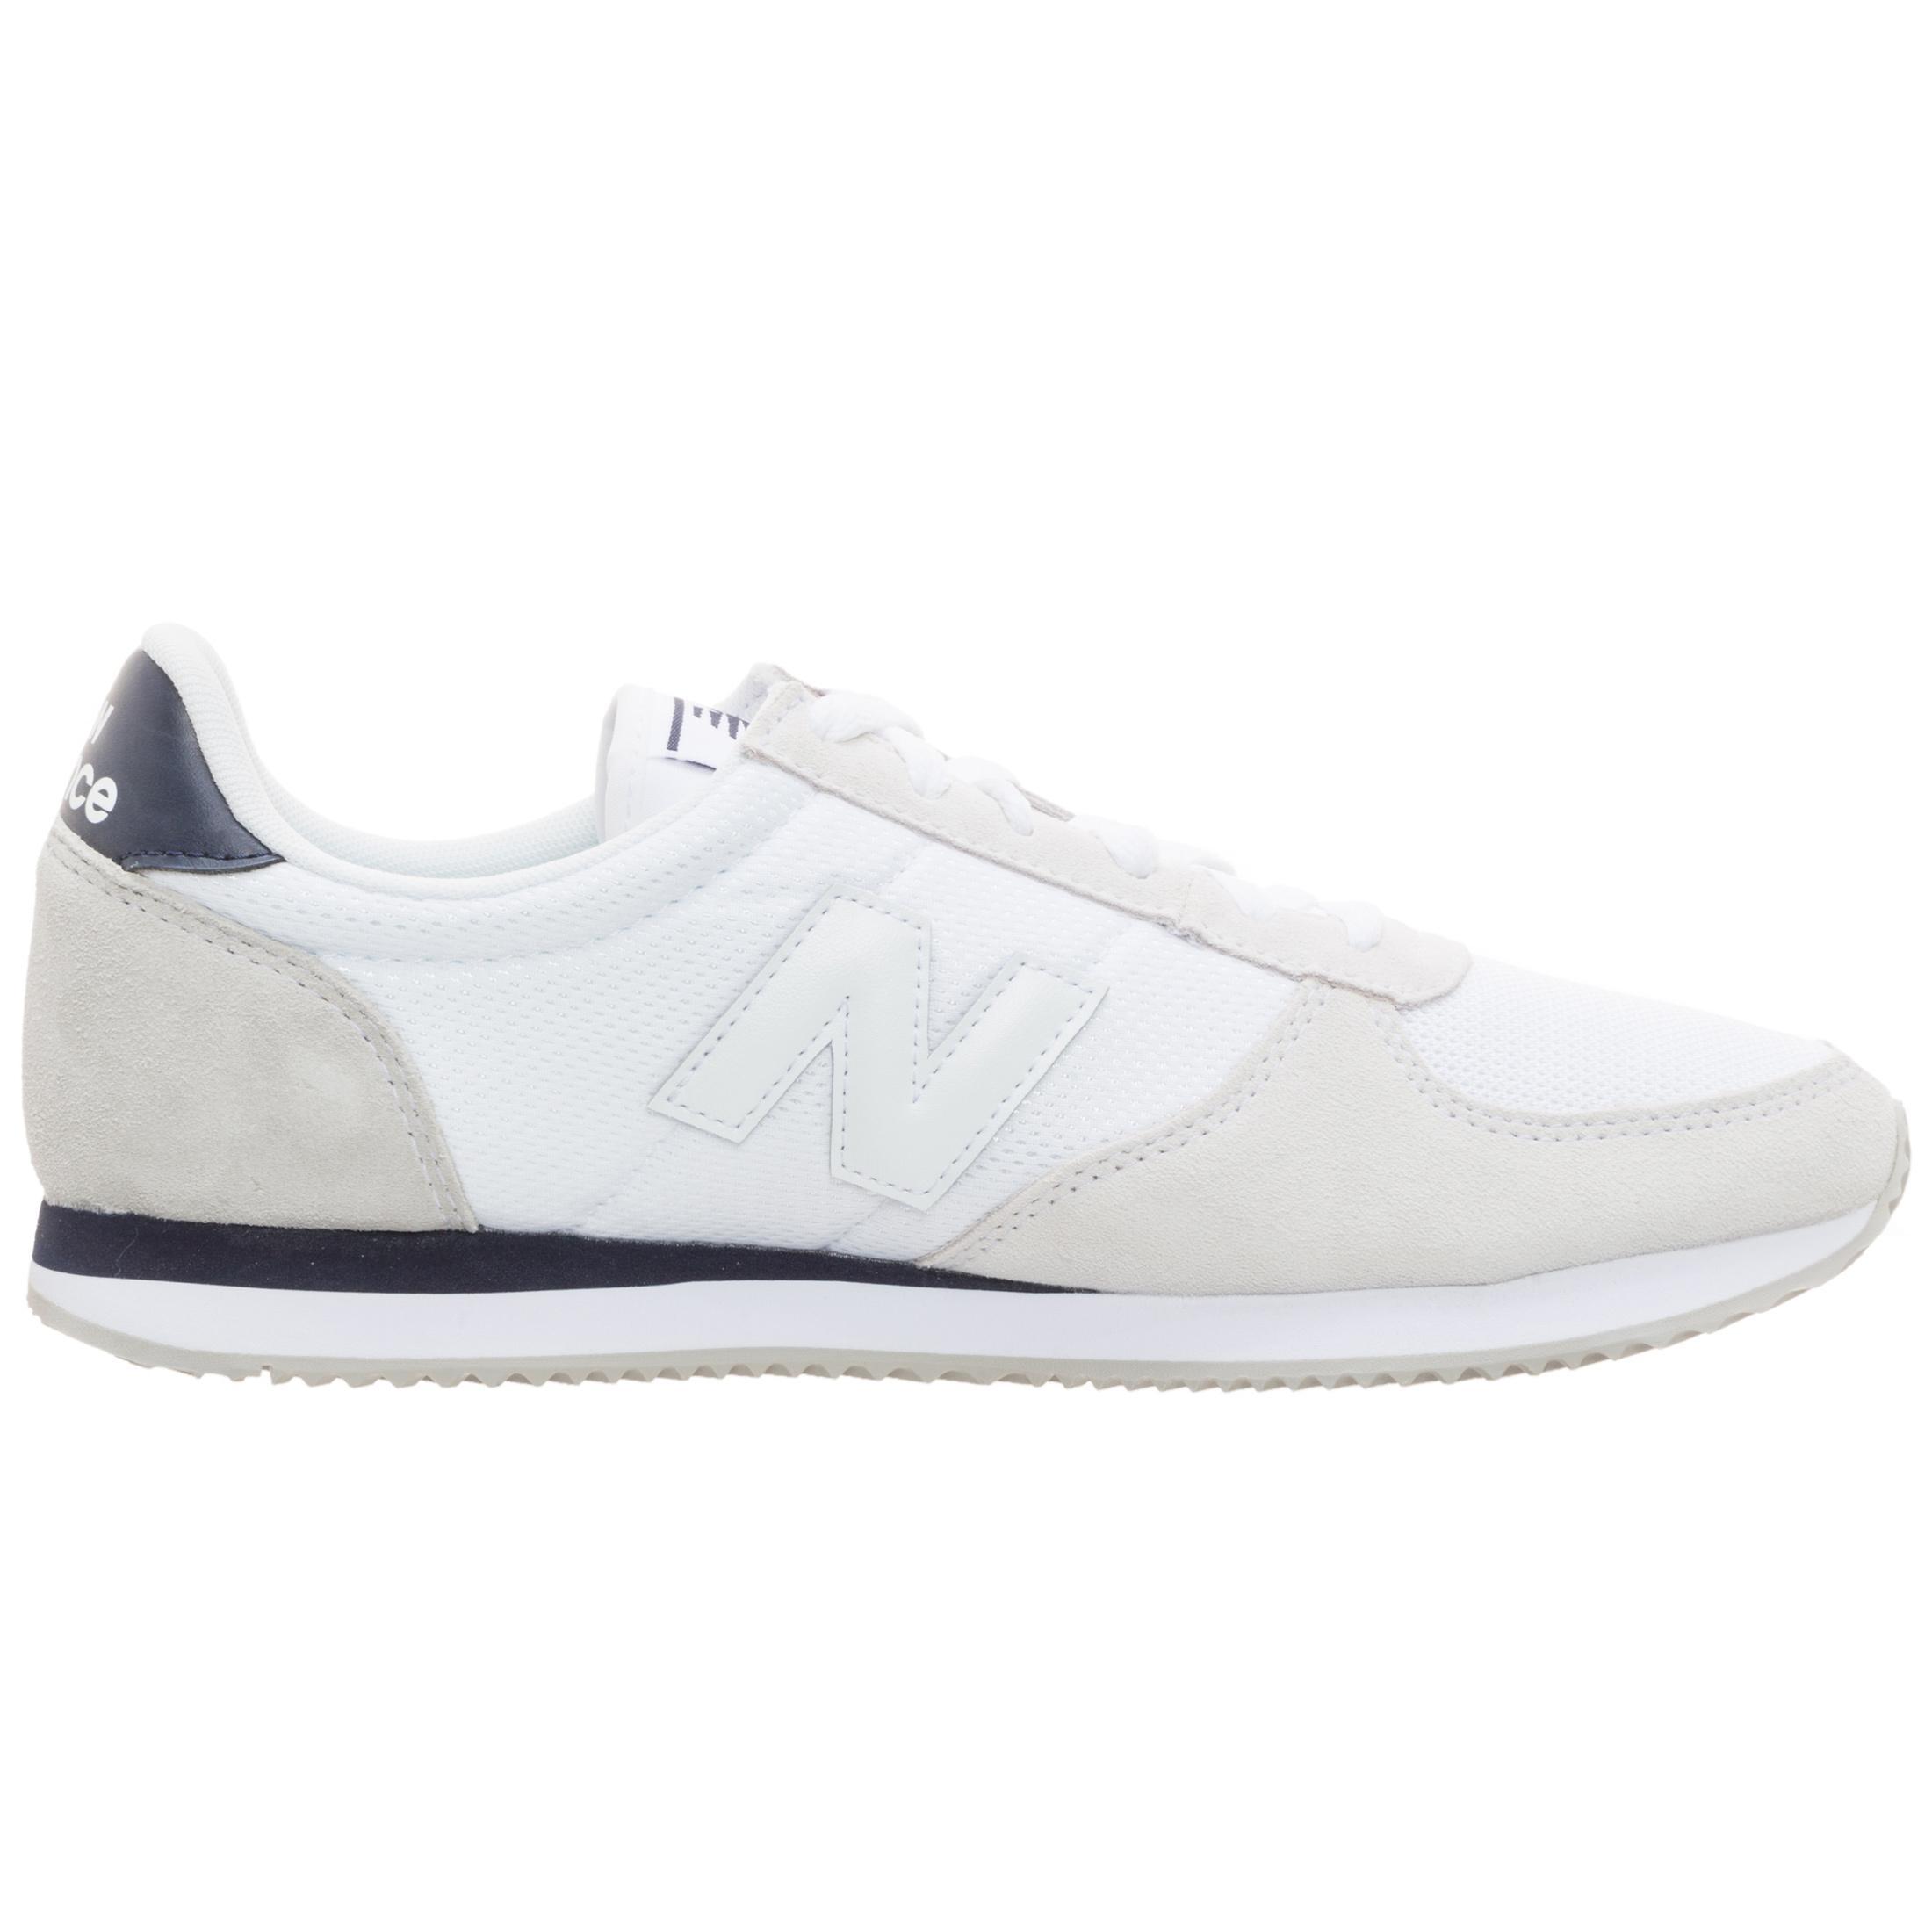 NEW BALANCE U220-DA-D Turnschuhe weiß / grau im kaufen Online Shop von SportScheck kaufen im Gute Qualität beliebte Schuhe ee764a